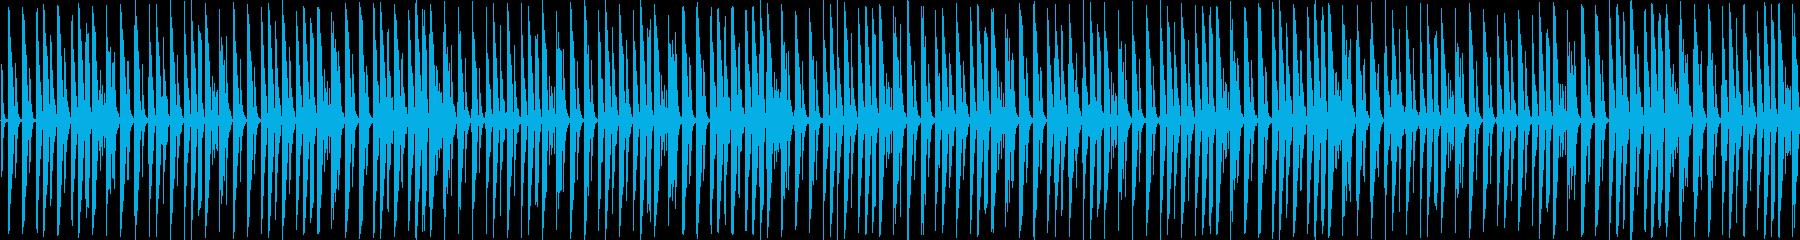 【サスペンスものなどに不穏なBGM】の再生済みの波形